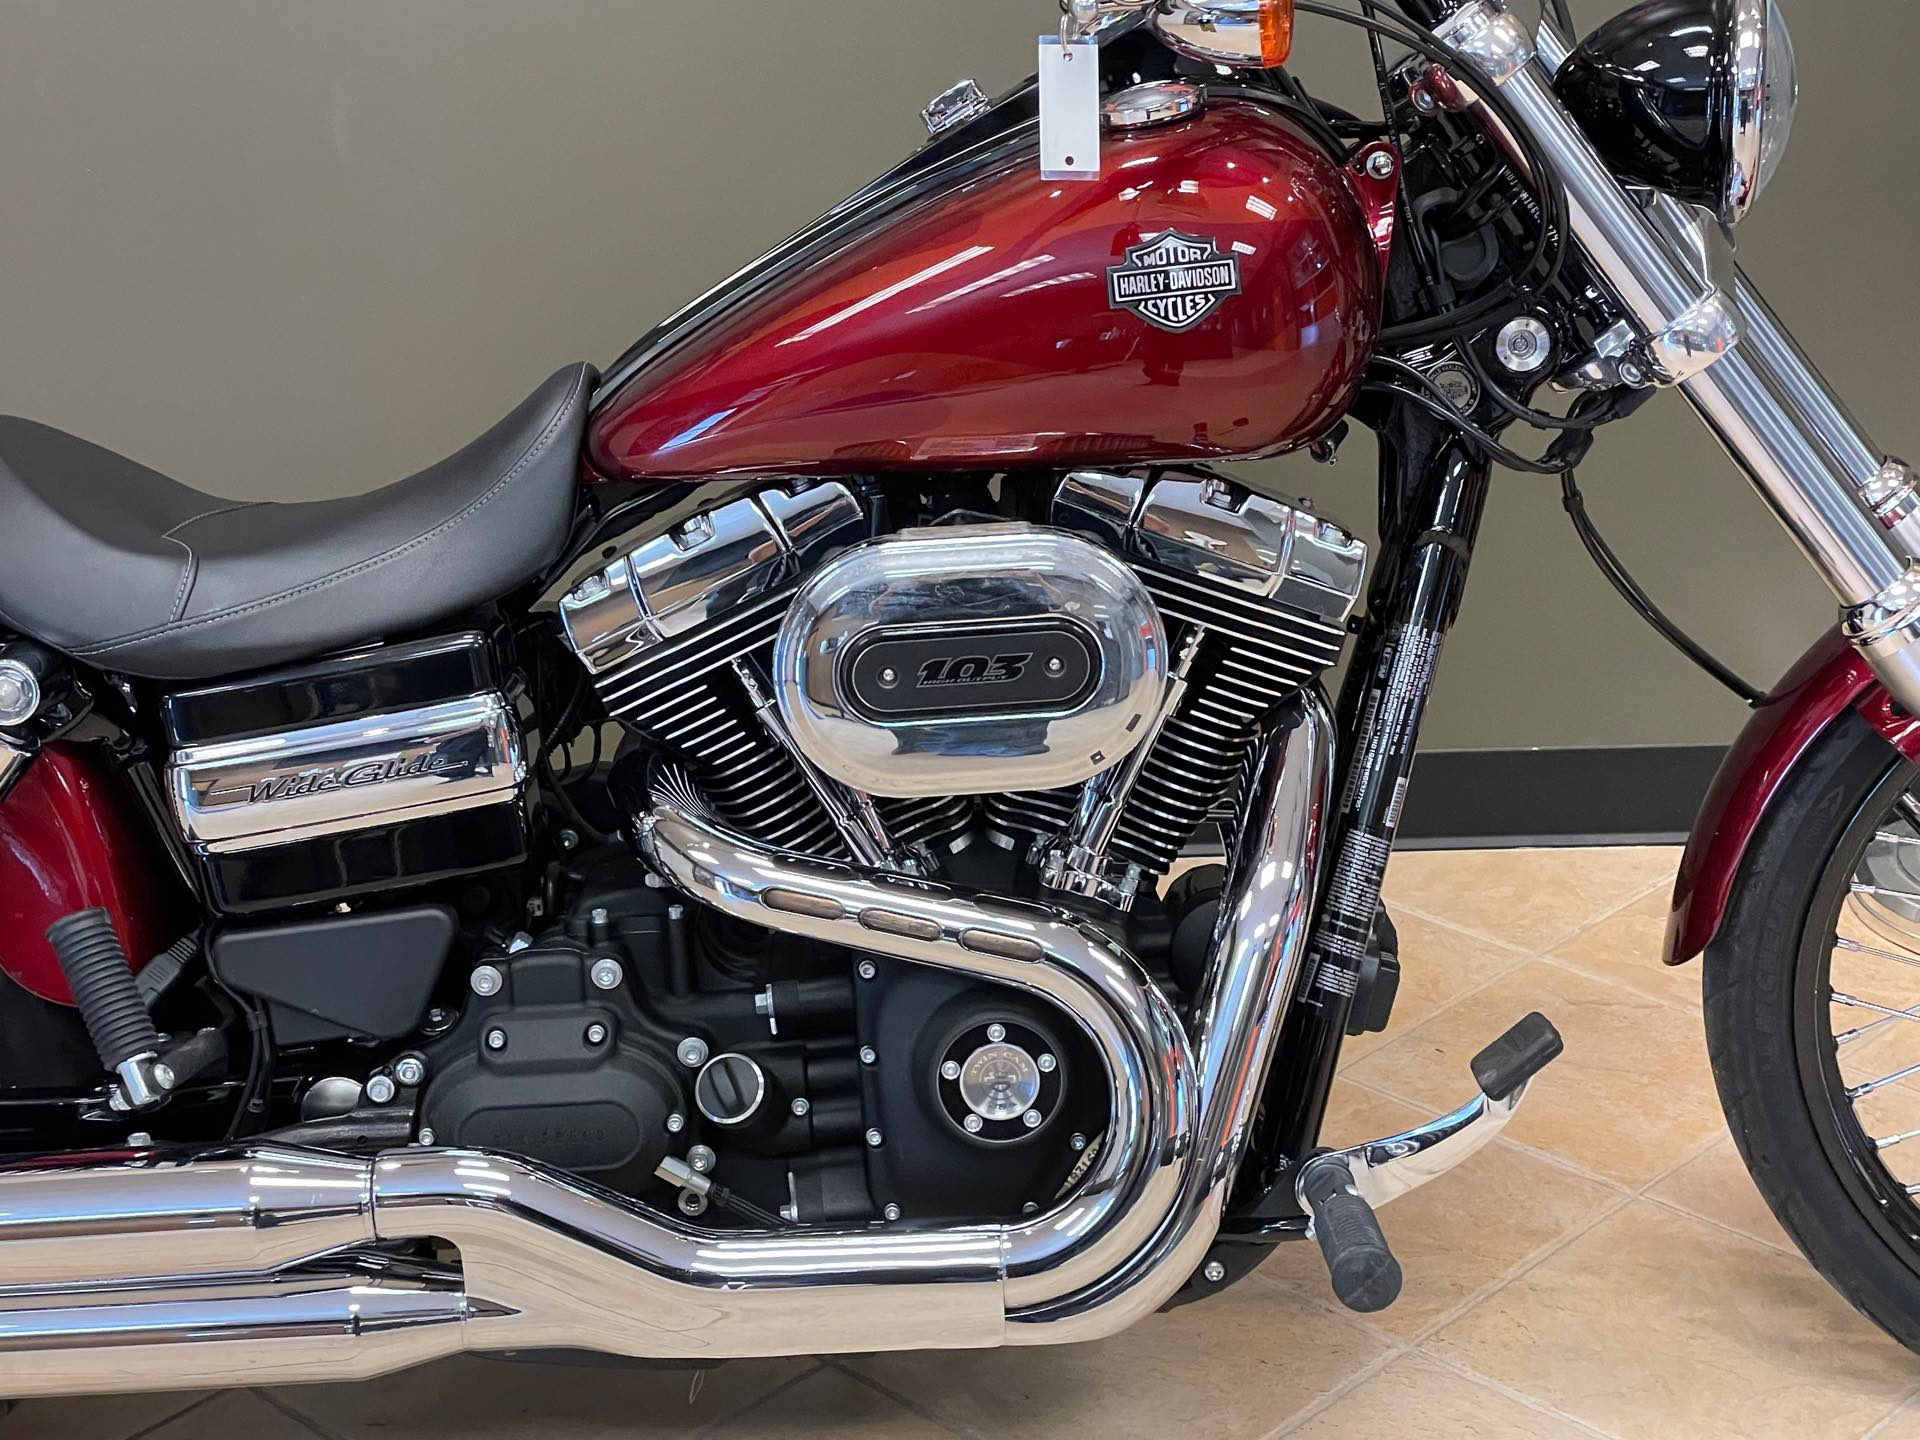 2016 Harley-Davidson Dyna Wide Glide at Loess Hills Harley-Davidson